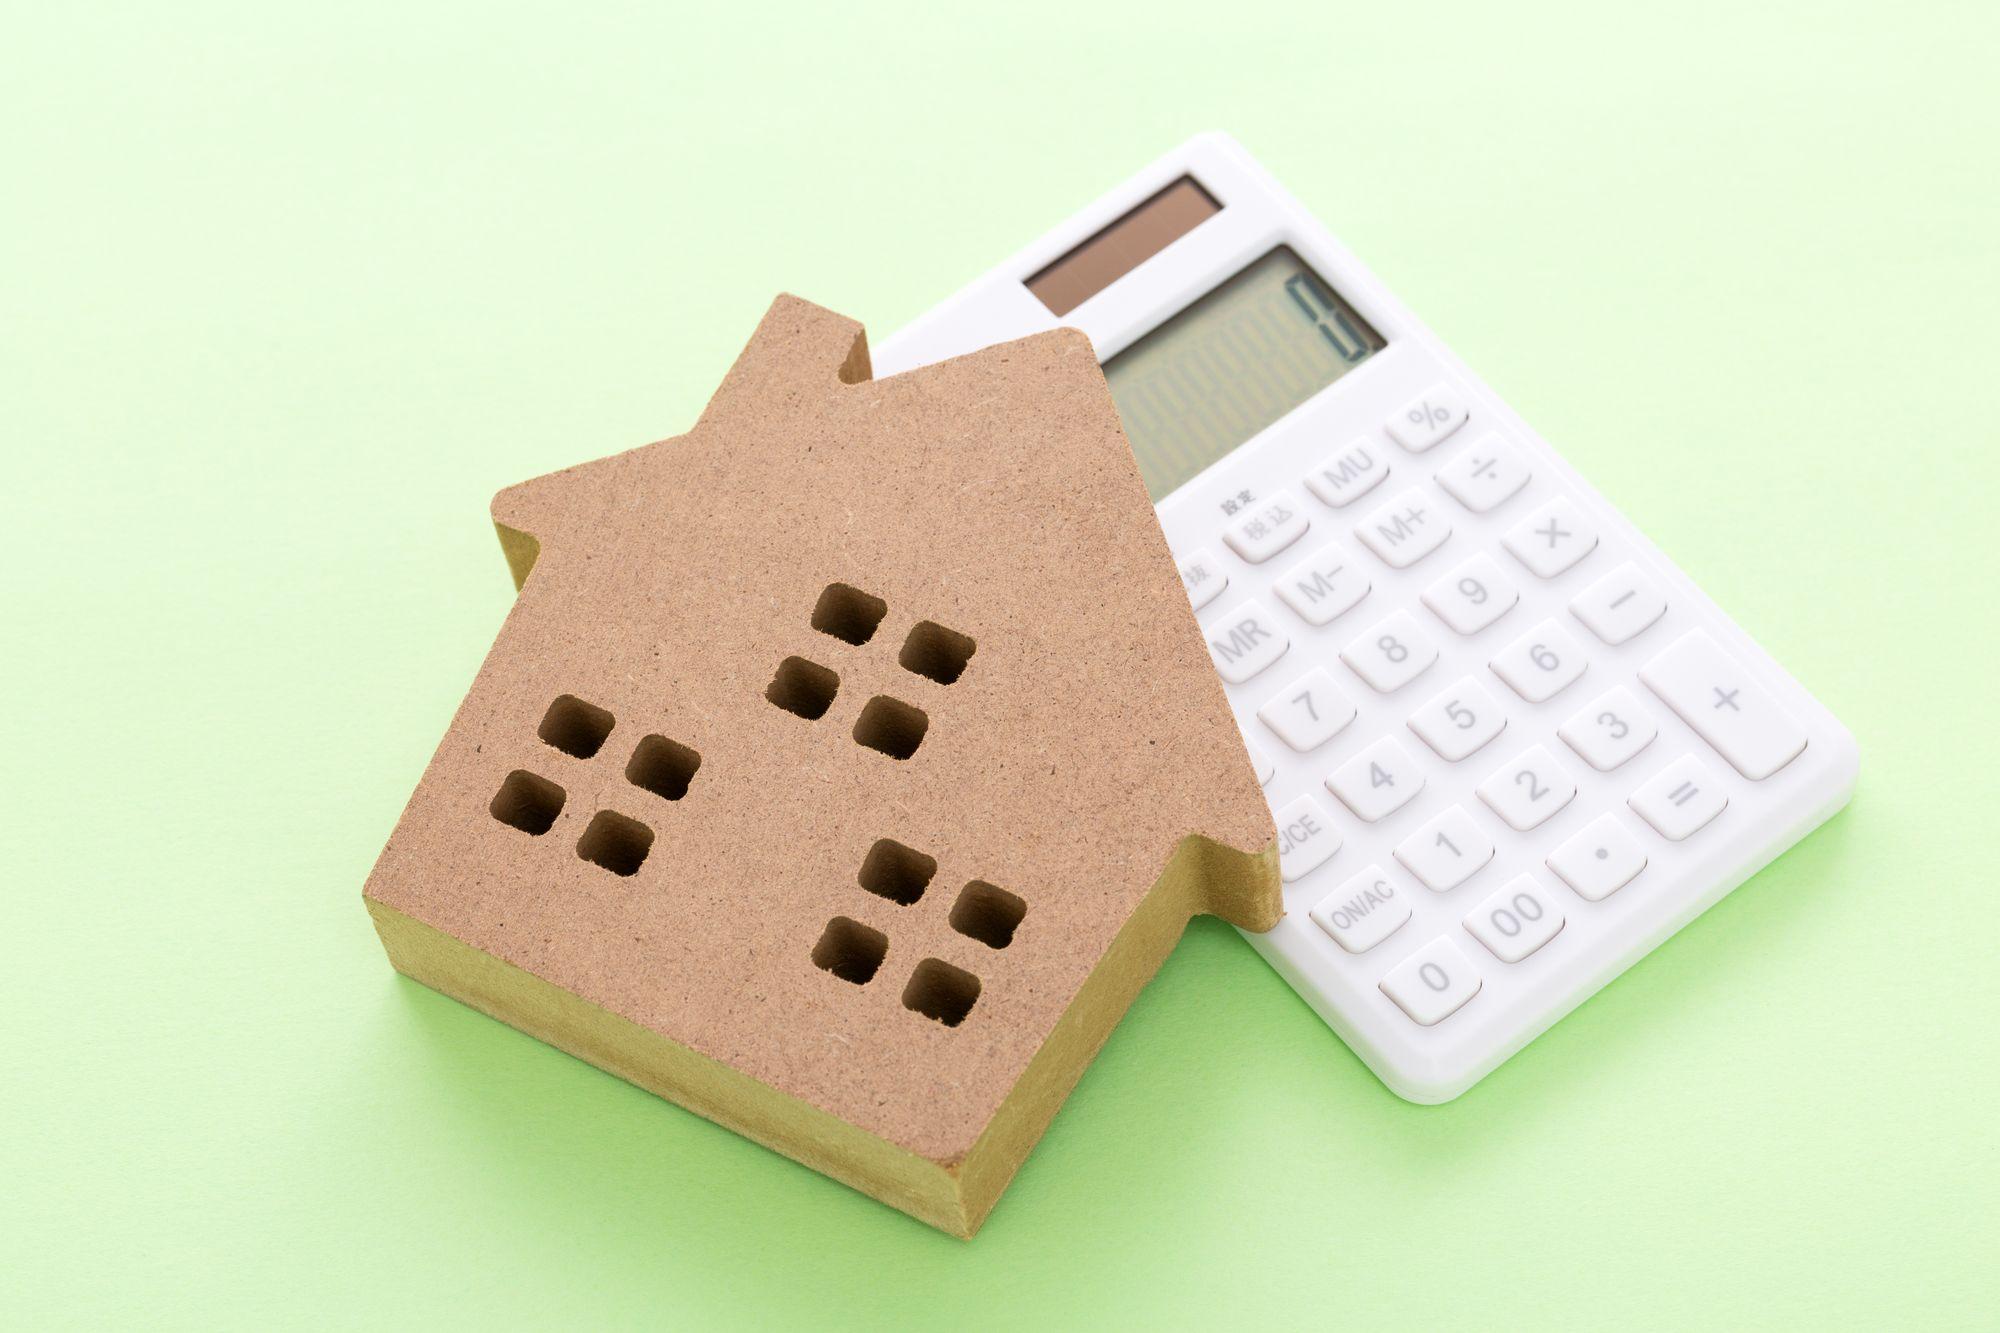 ふるさと納税と住宅ローン控除を併用すると控除額は変わる!併用したときの計算方法まで紹介!